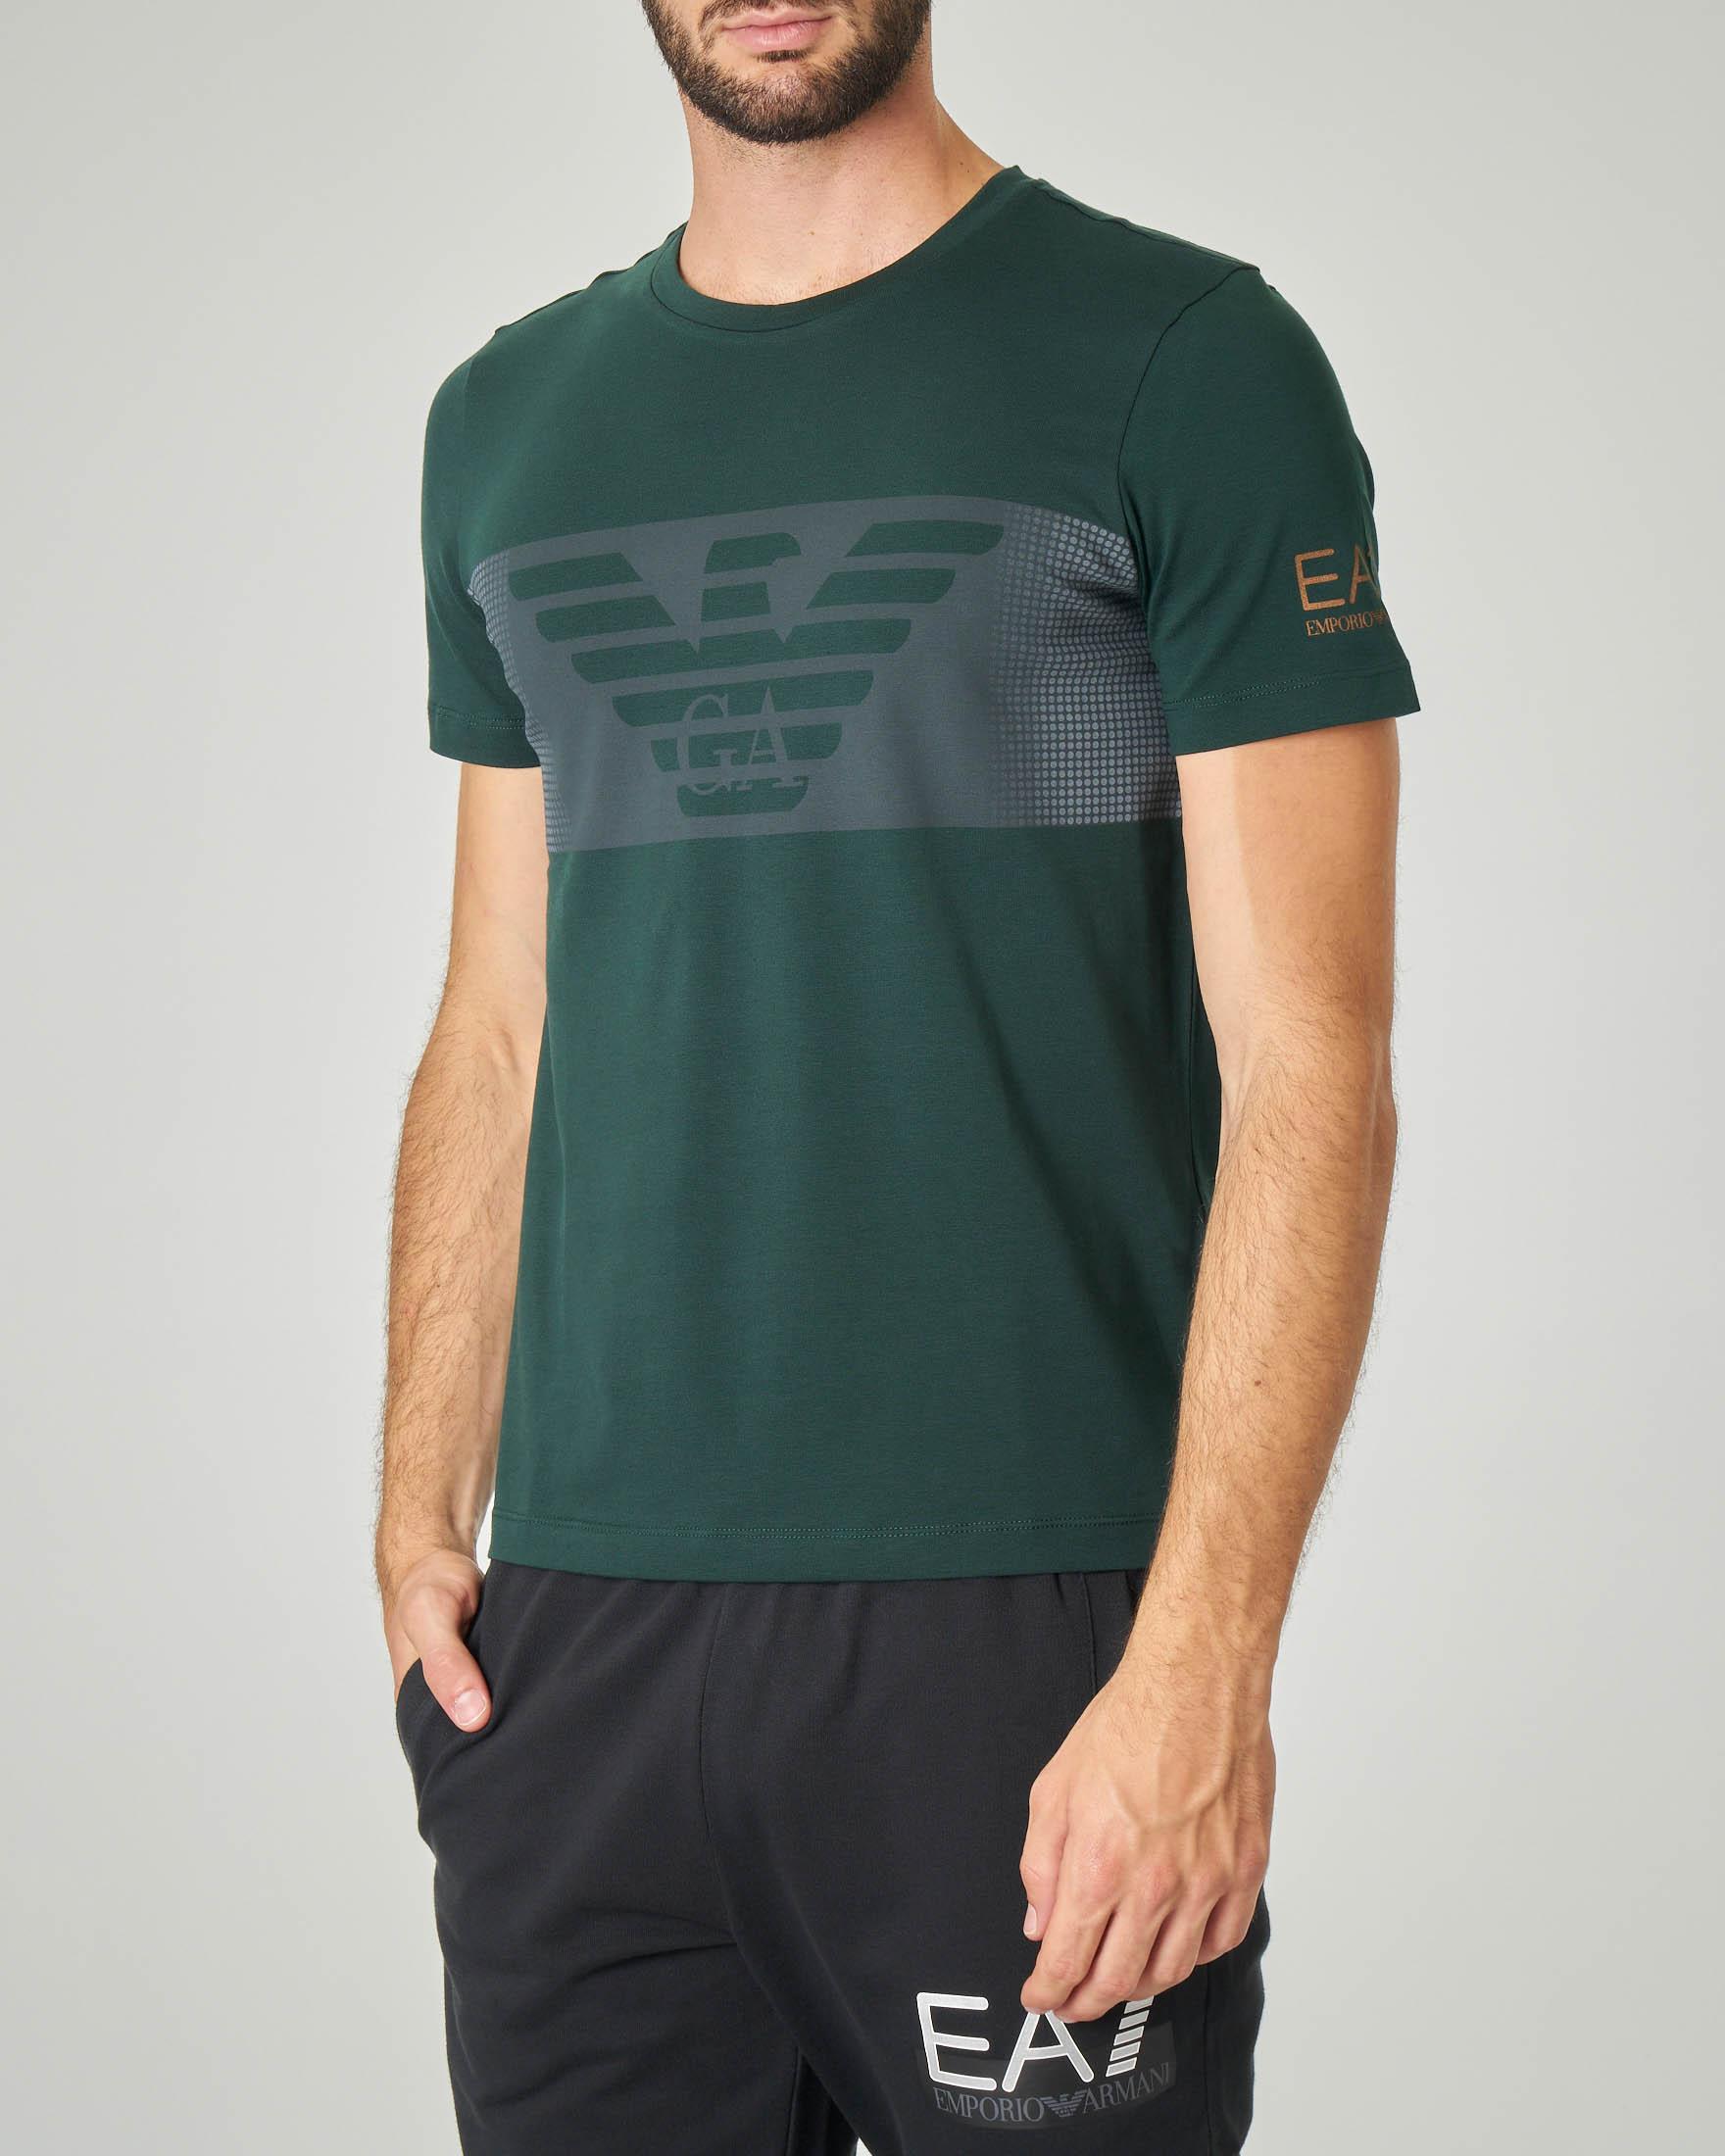 T-shirt verde in cotone stretch con fascia grigia e aquila stampata